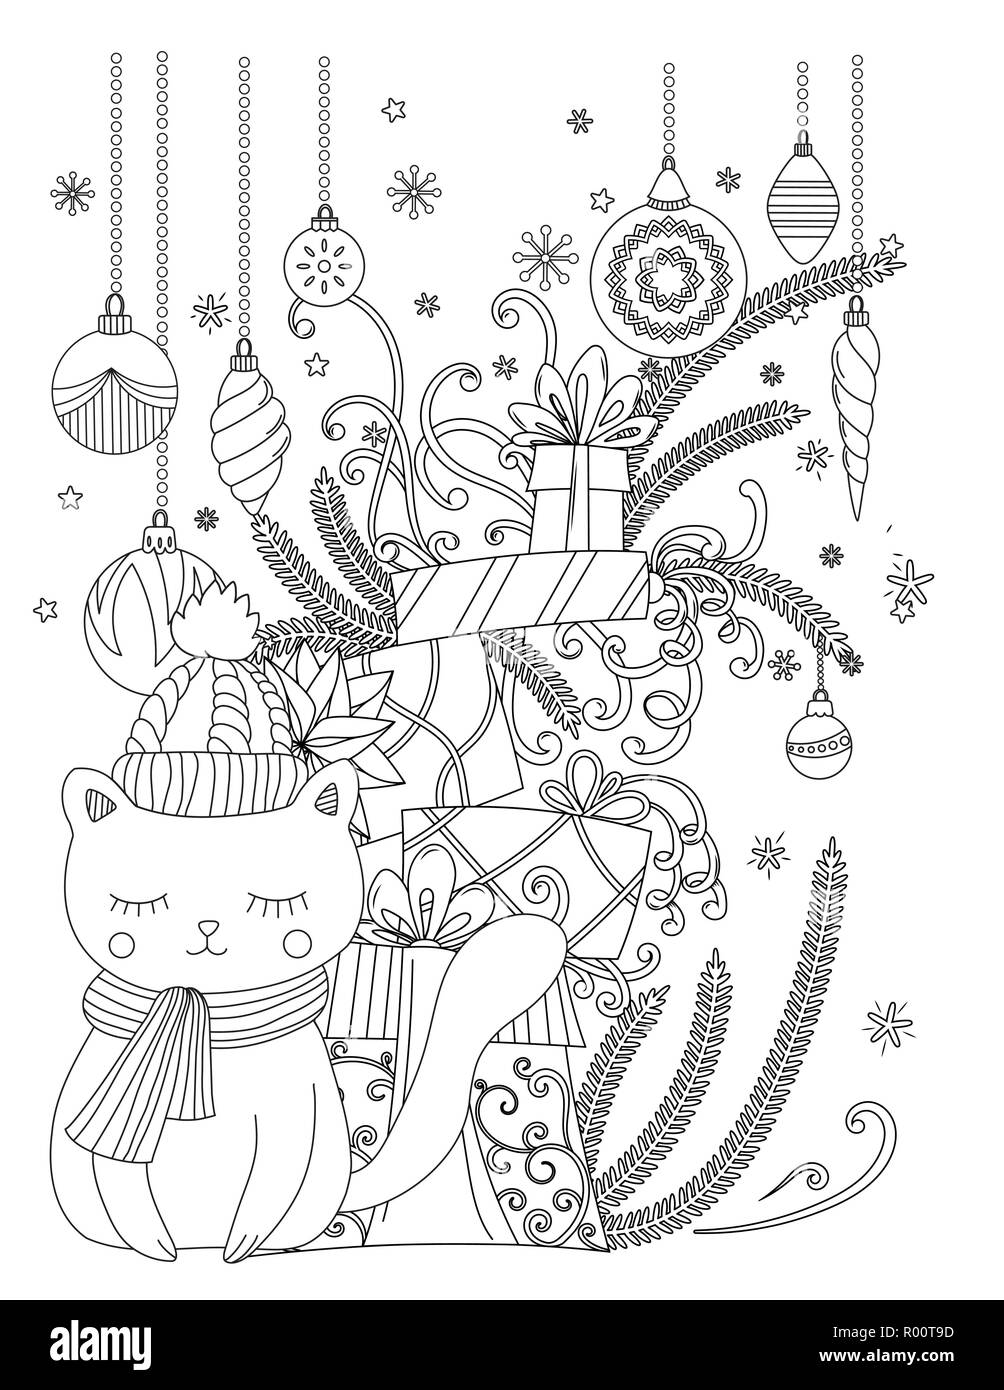 Coloriage Chat Cadeau.Coloriages De Noel Pour Les Enfants Et Les Adultes Chat